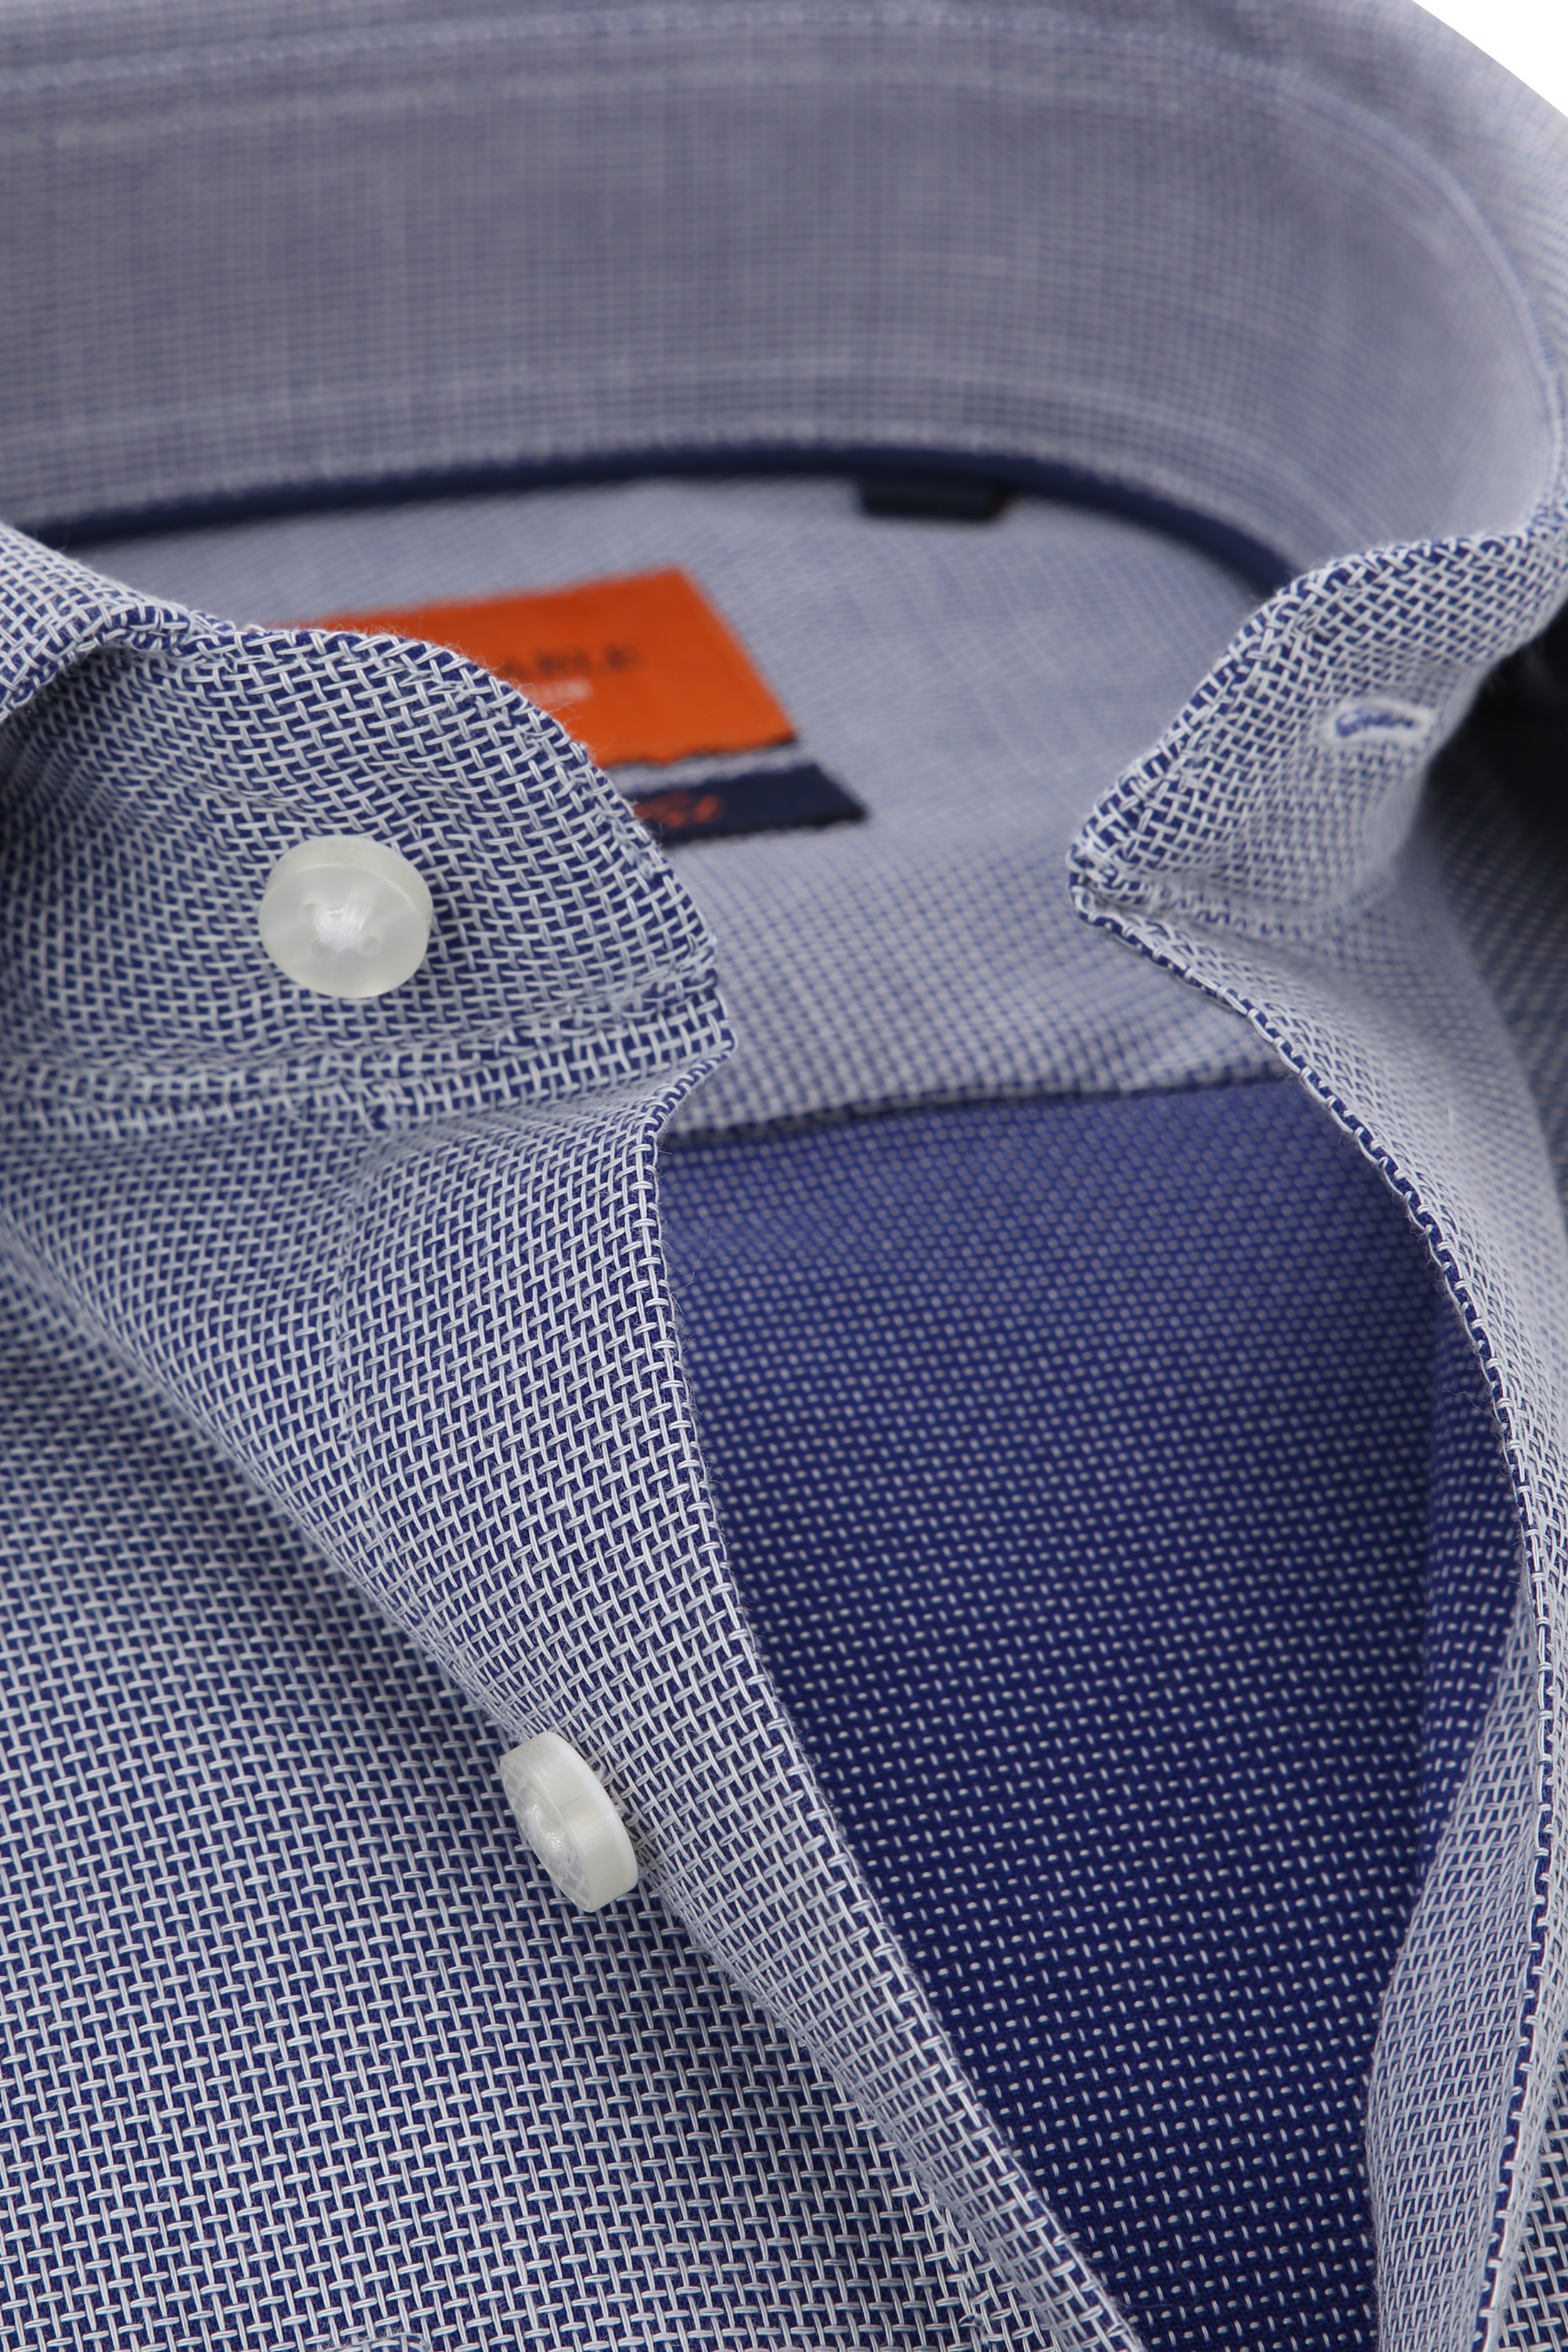 Doppel Cuff Hemd Blau Kariert 52-22 foto 1